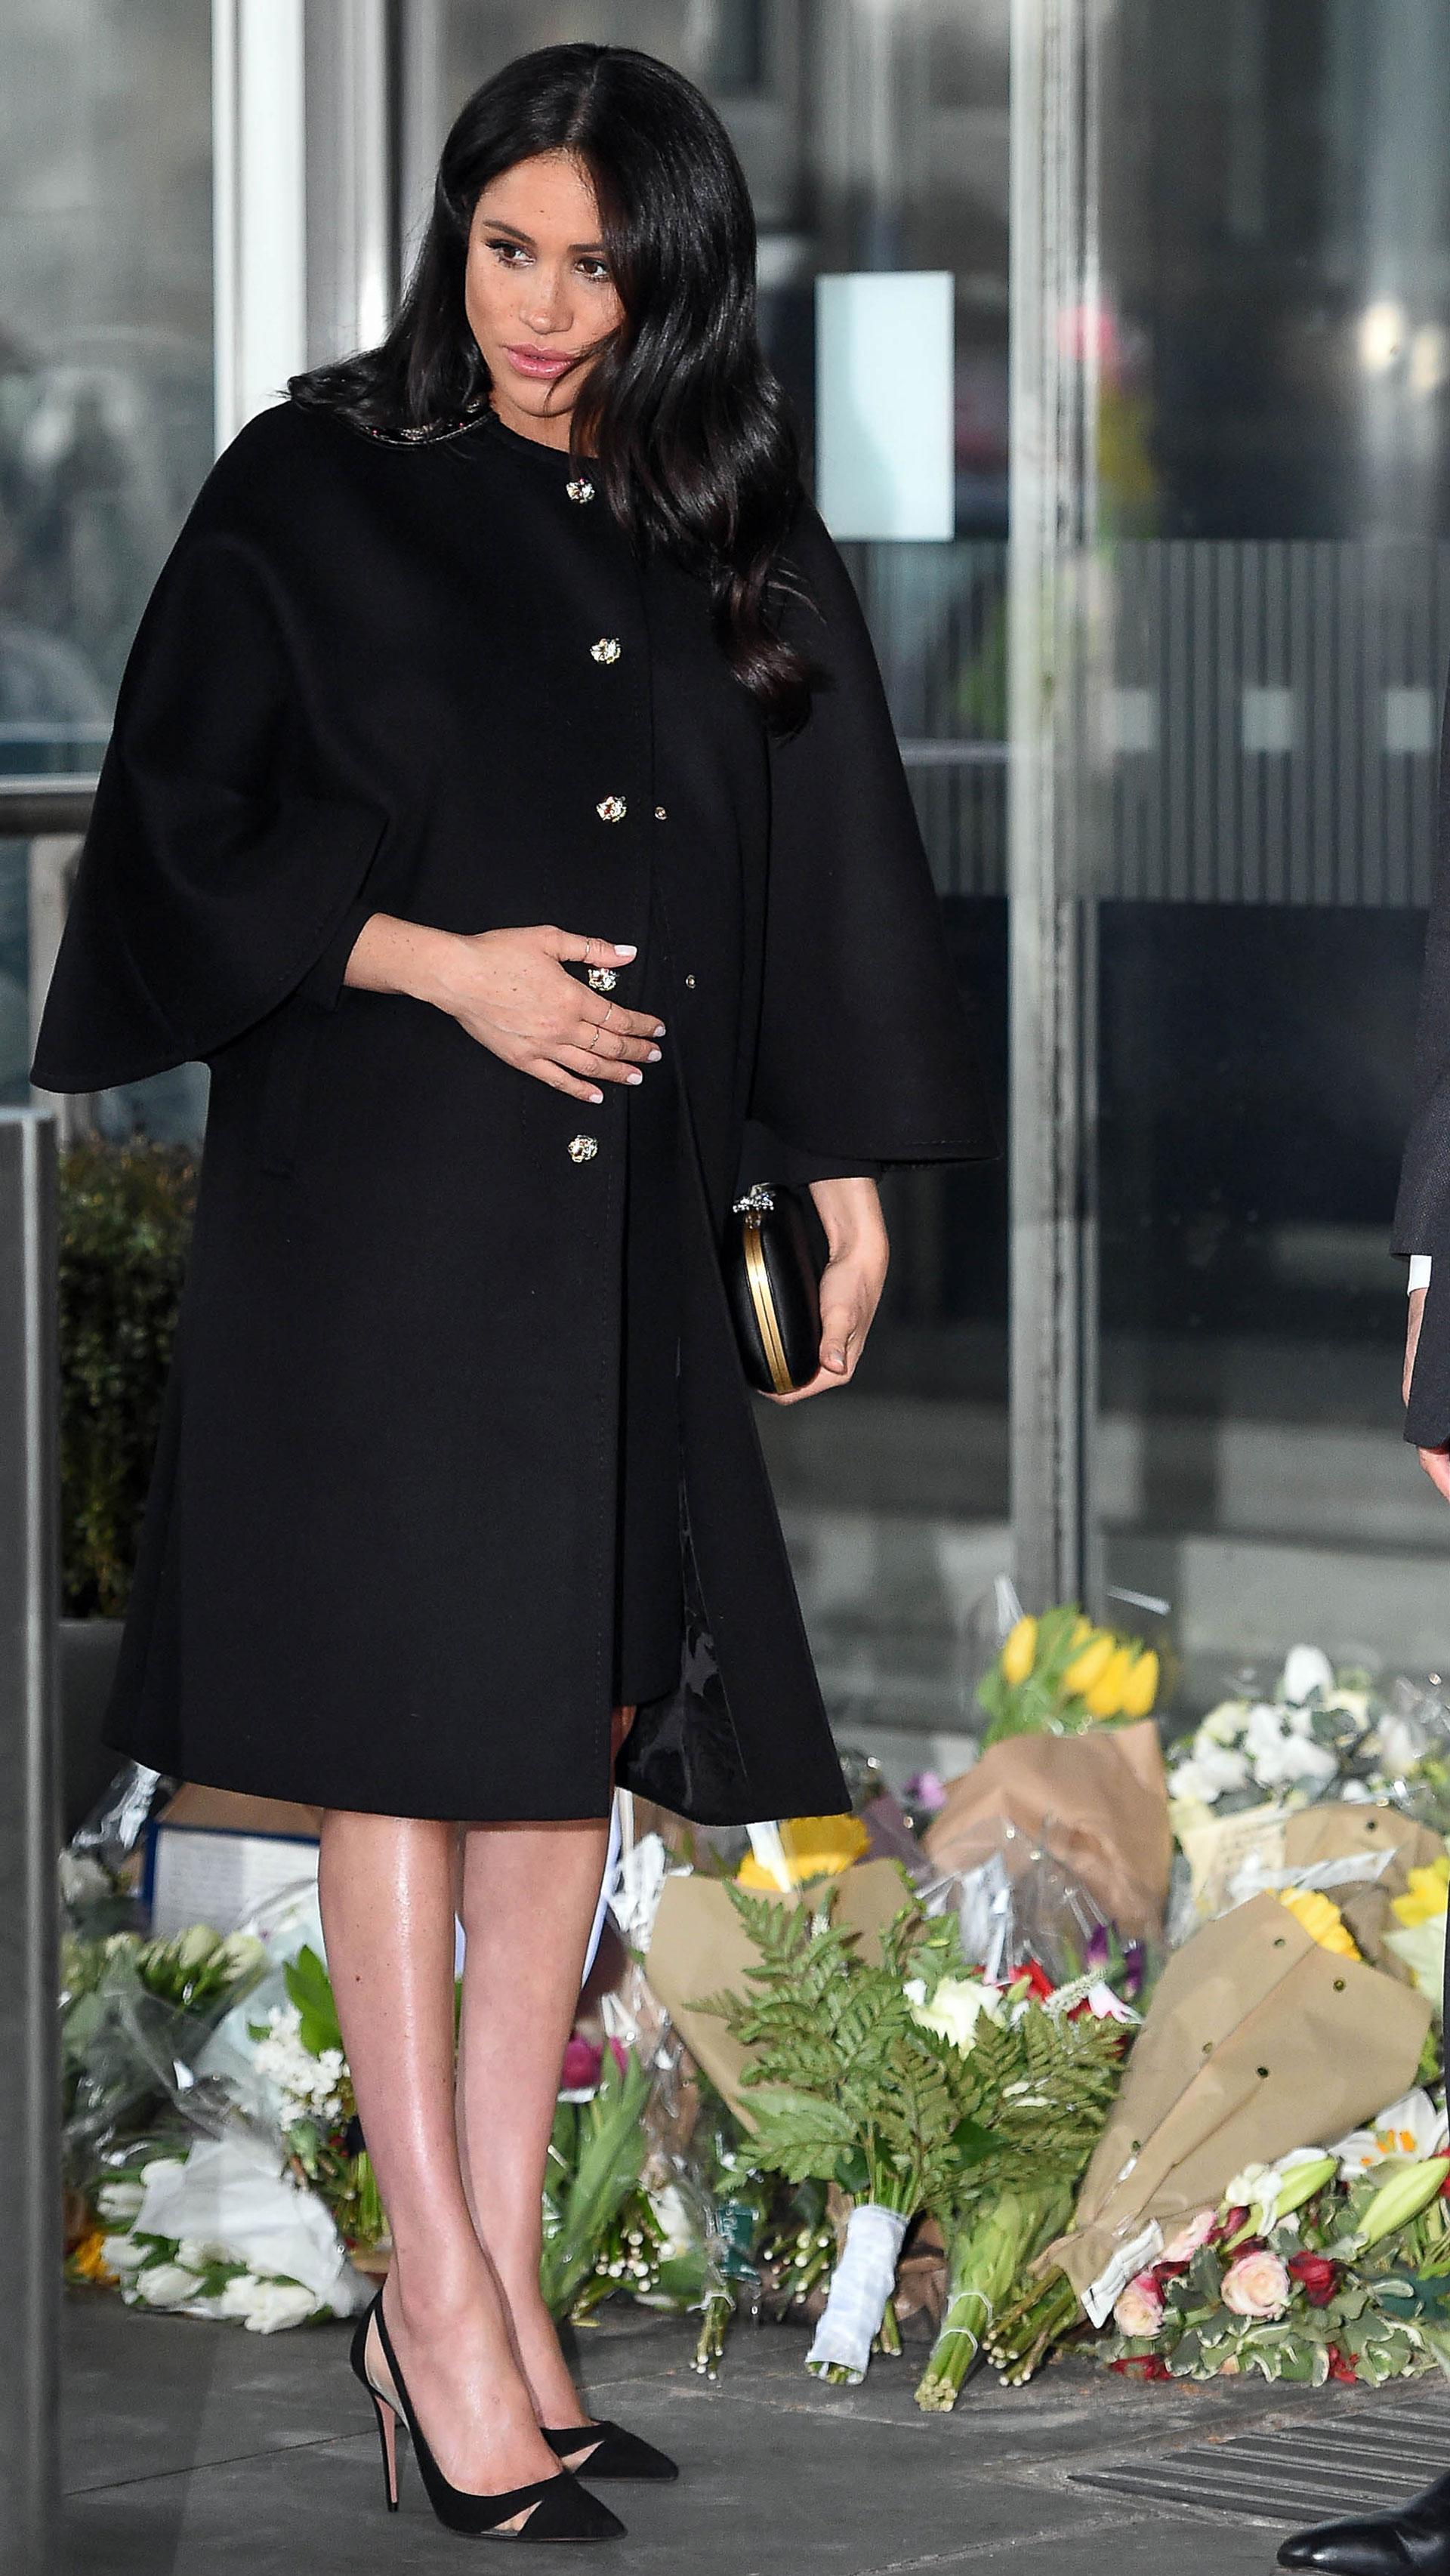 El 19 de marzo en la Casa de Nueva Zelanda de Londres con el fin de rendir homenaje a las víctimas del ataque terrorista de Christchurch (The Grosby Group)